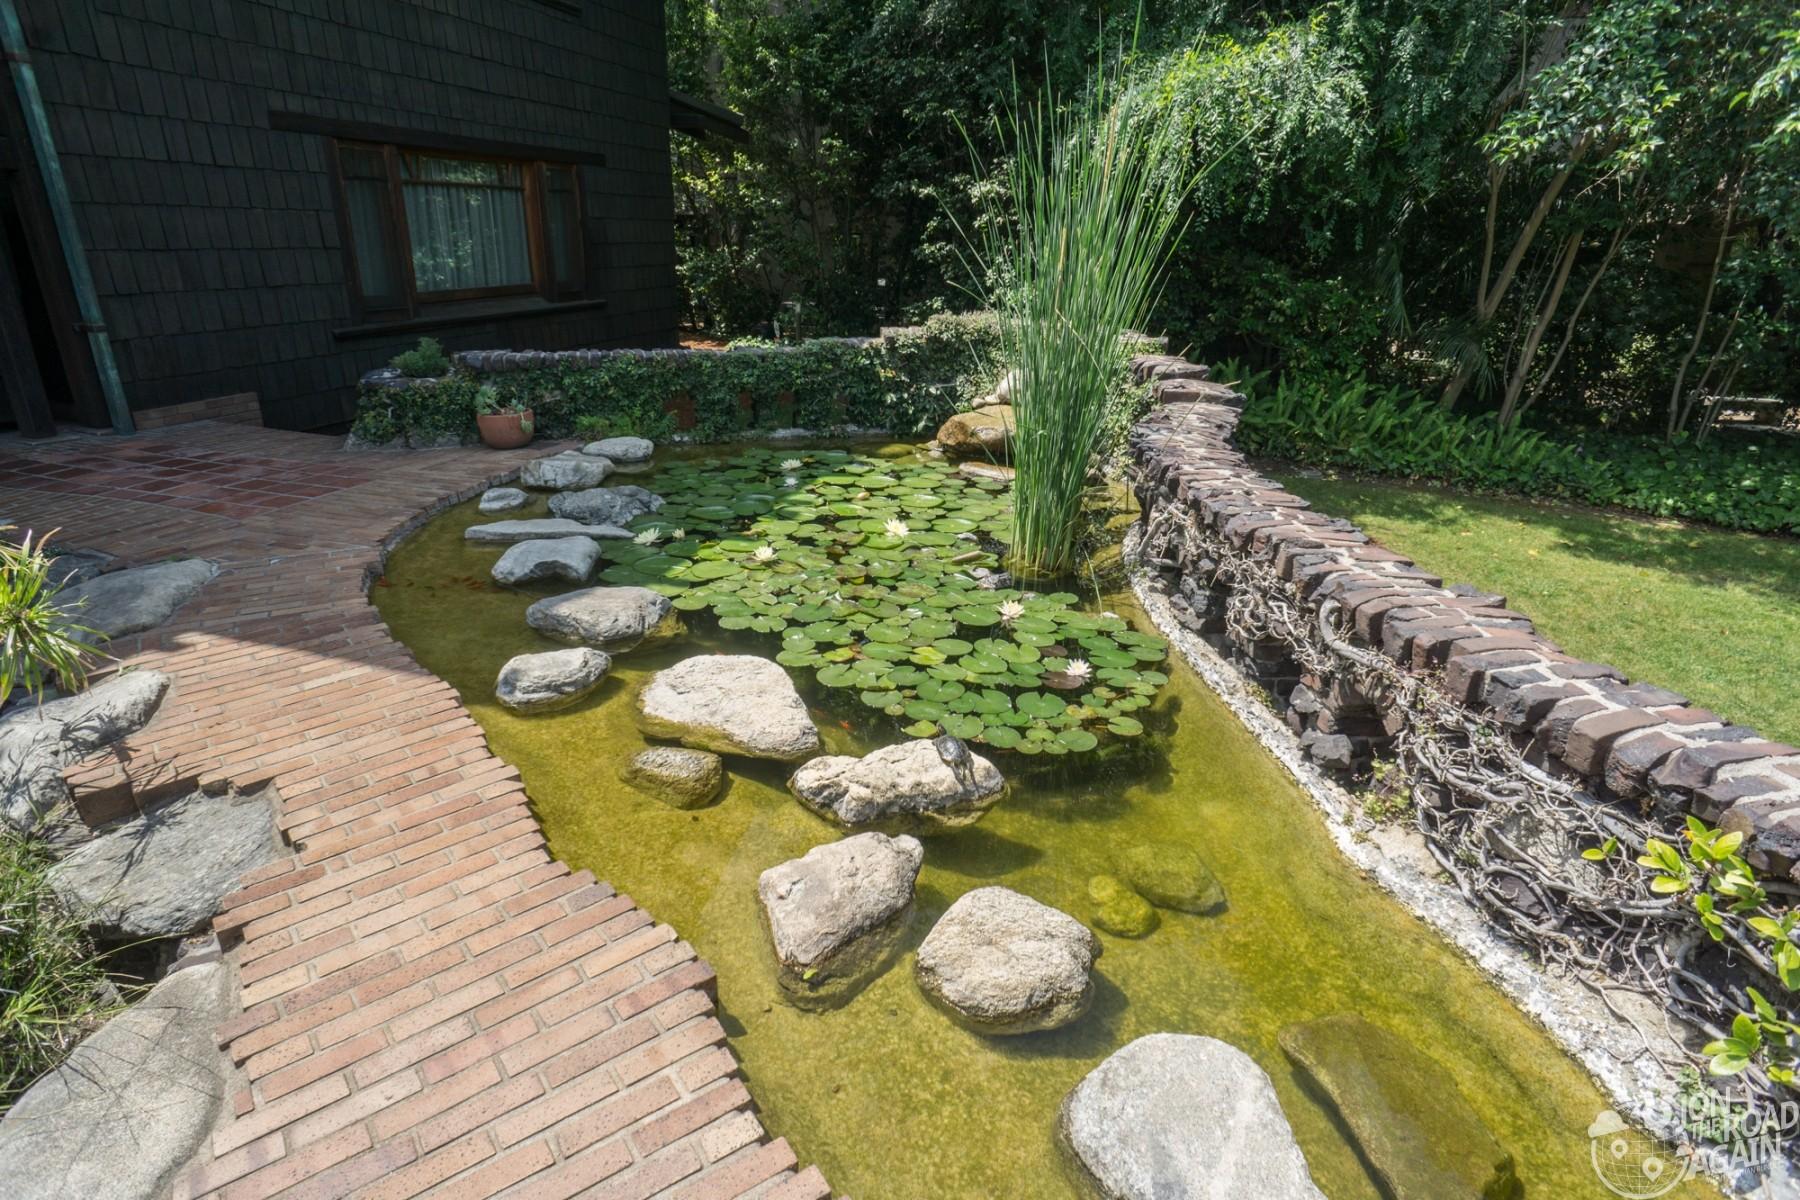 Gamble House Garden